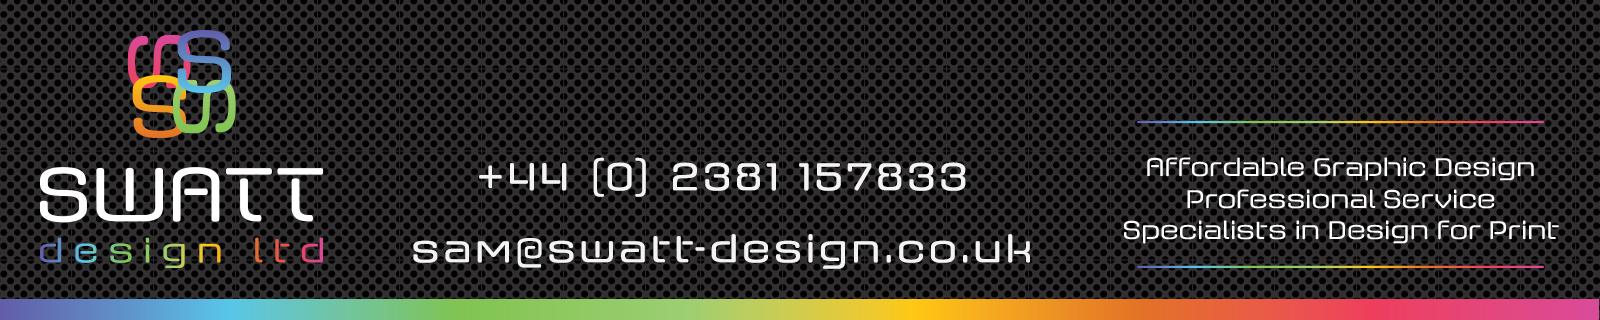 SWATT Design Ltd.